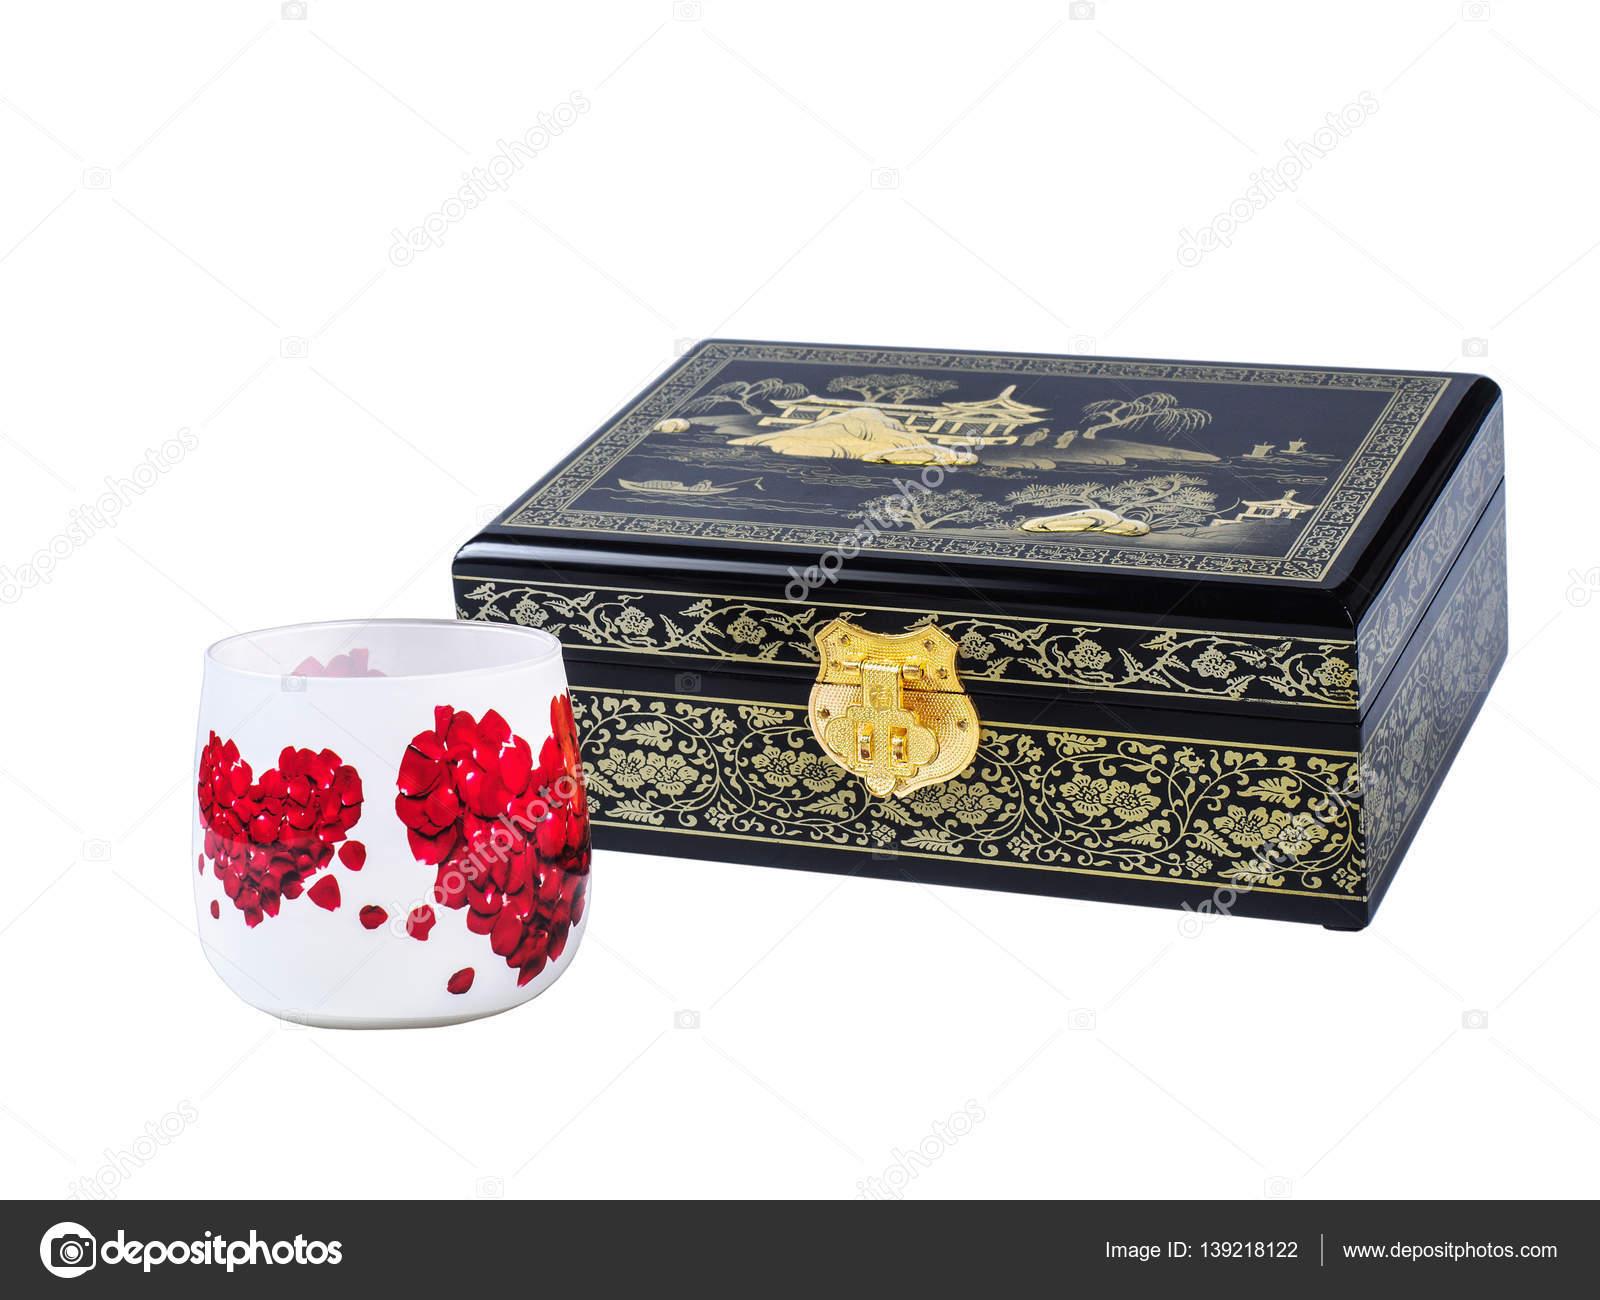 Beyaz Arka Plan üzerinde Izole Dekupaj Cam Ile Koyu Ahşap Mücevher